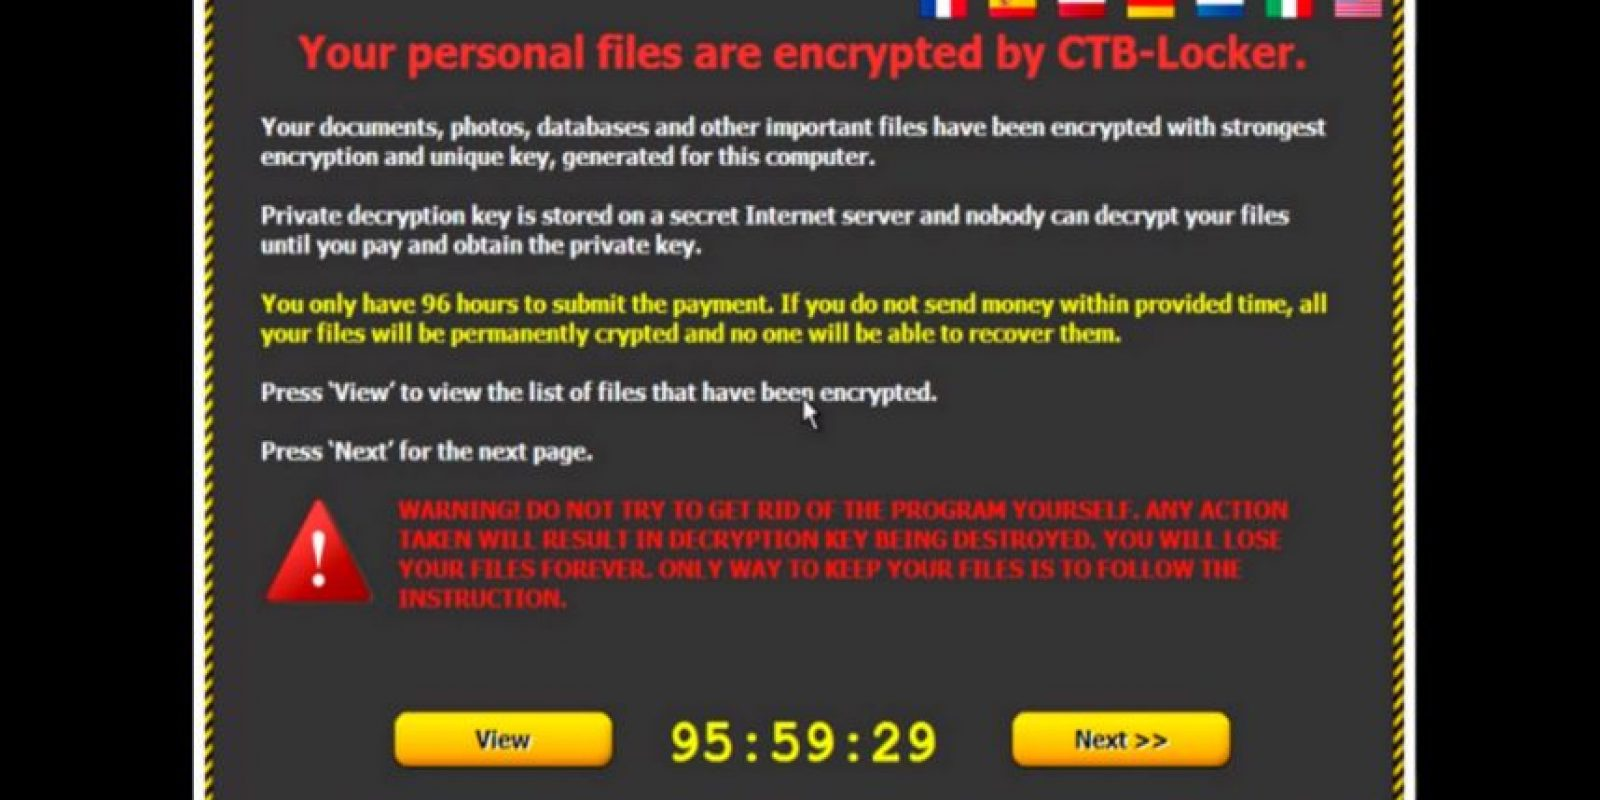 Y este es el anuncio que les pedirá cubrir el costo para recuperar su equipo Foto:blogs.cisco.com